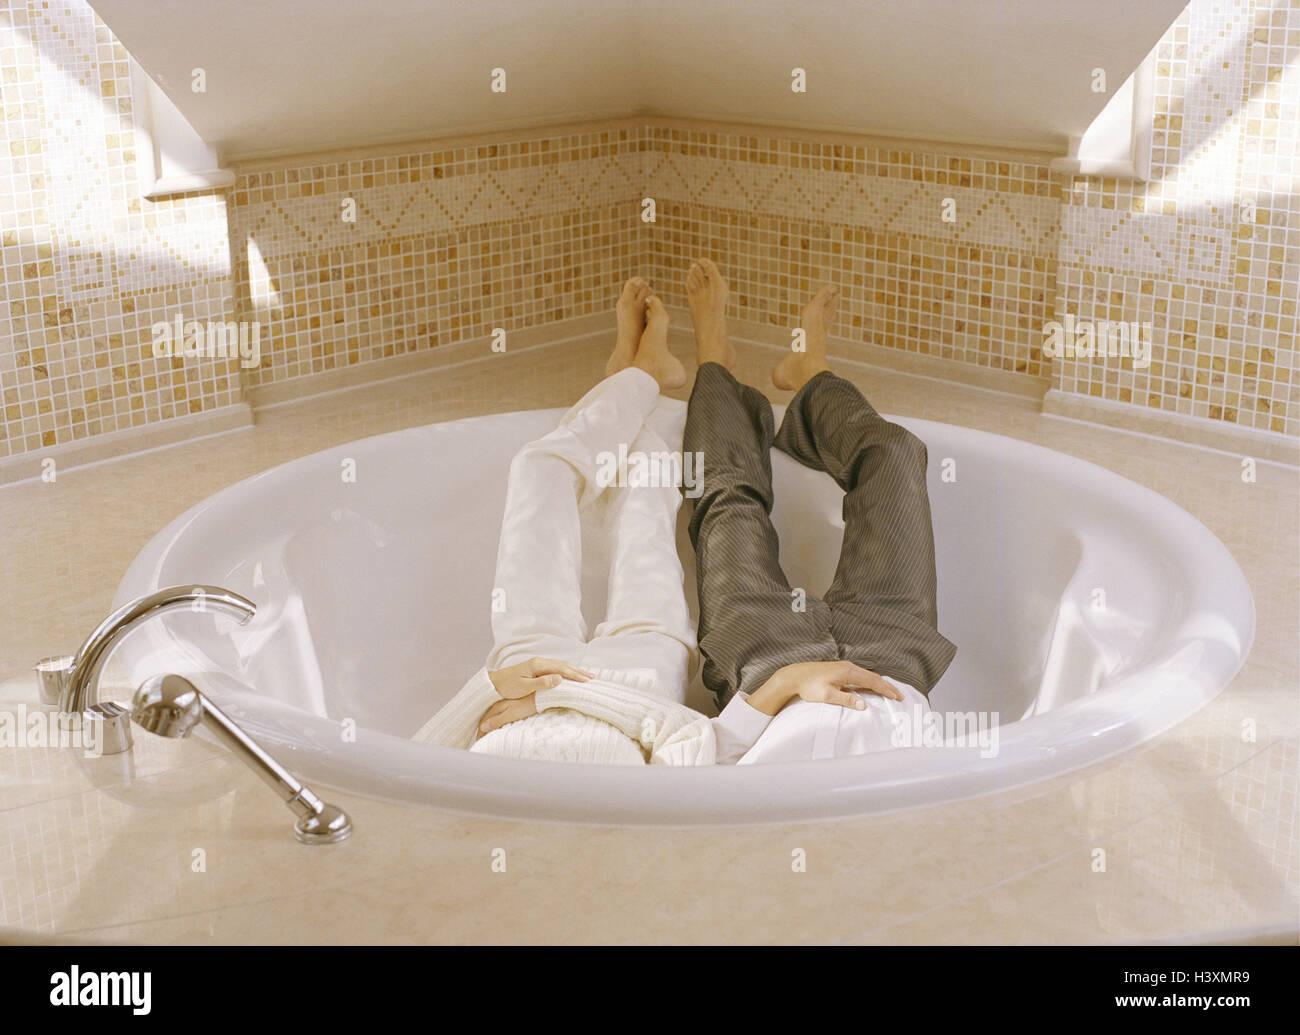 Vasca Da Bagno Relax : Sala da bagno vasca intorno giovane abiti ricreazione bagno